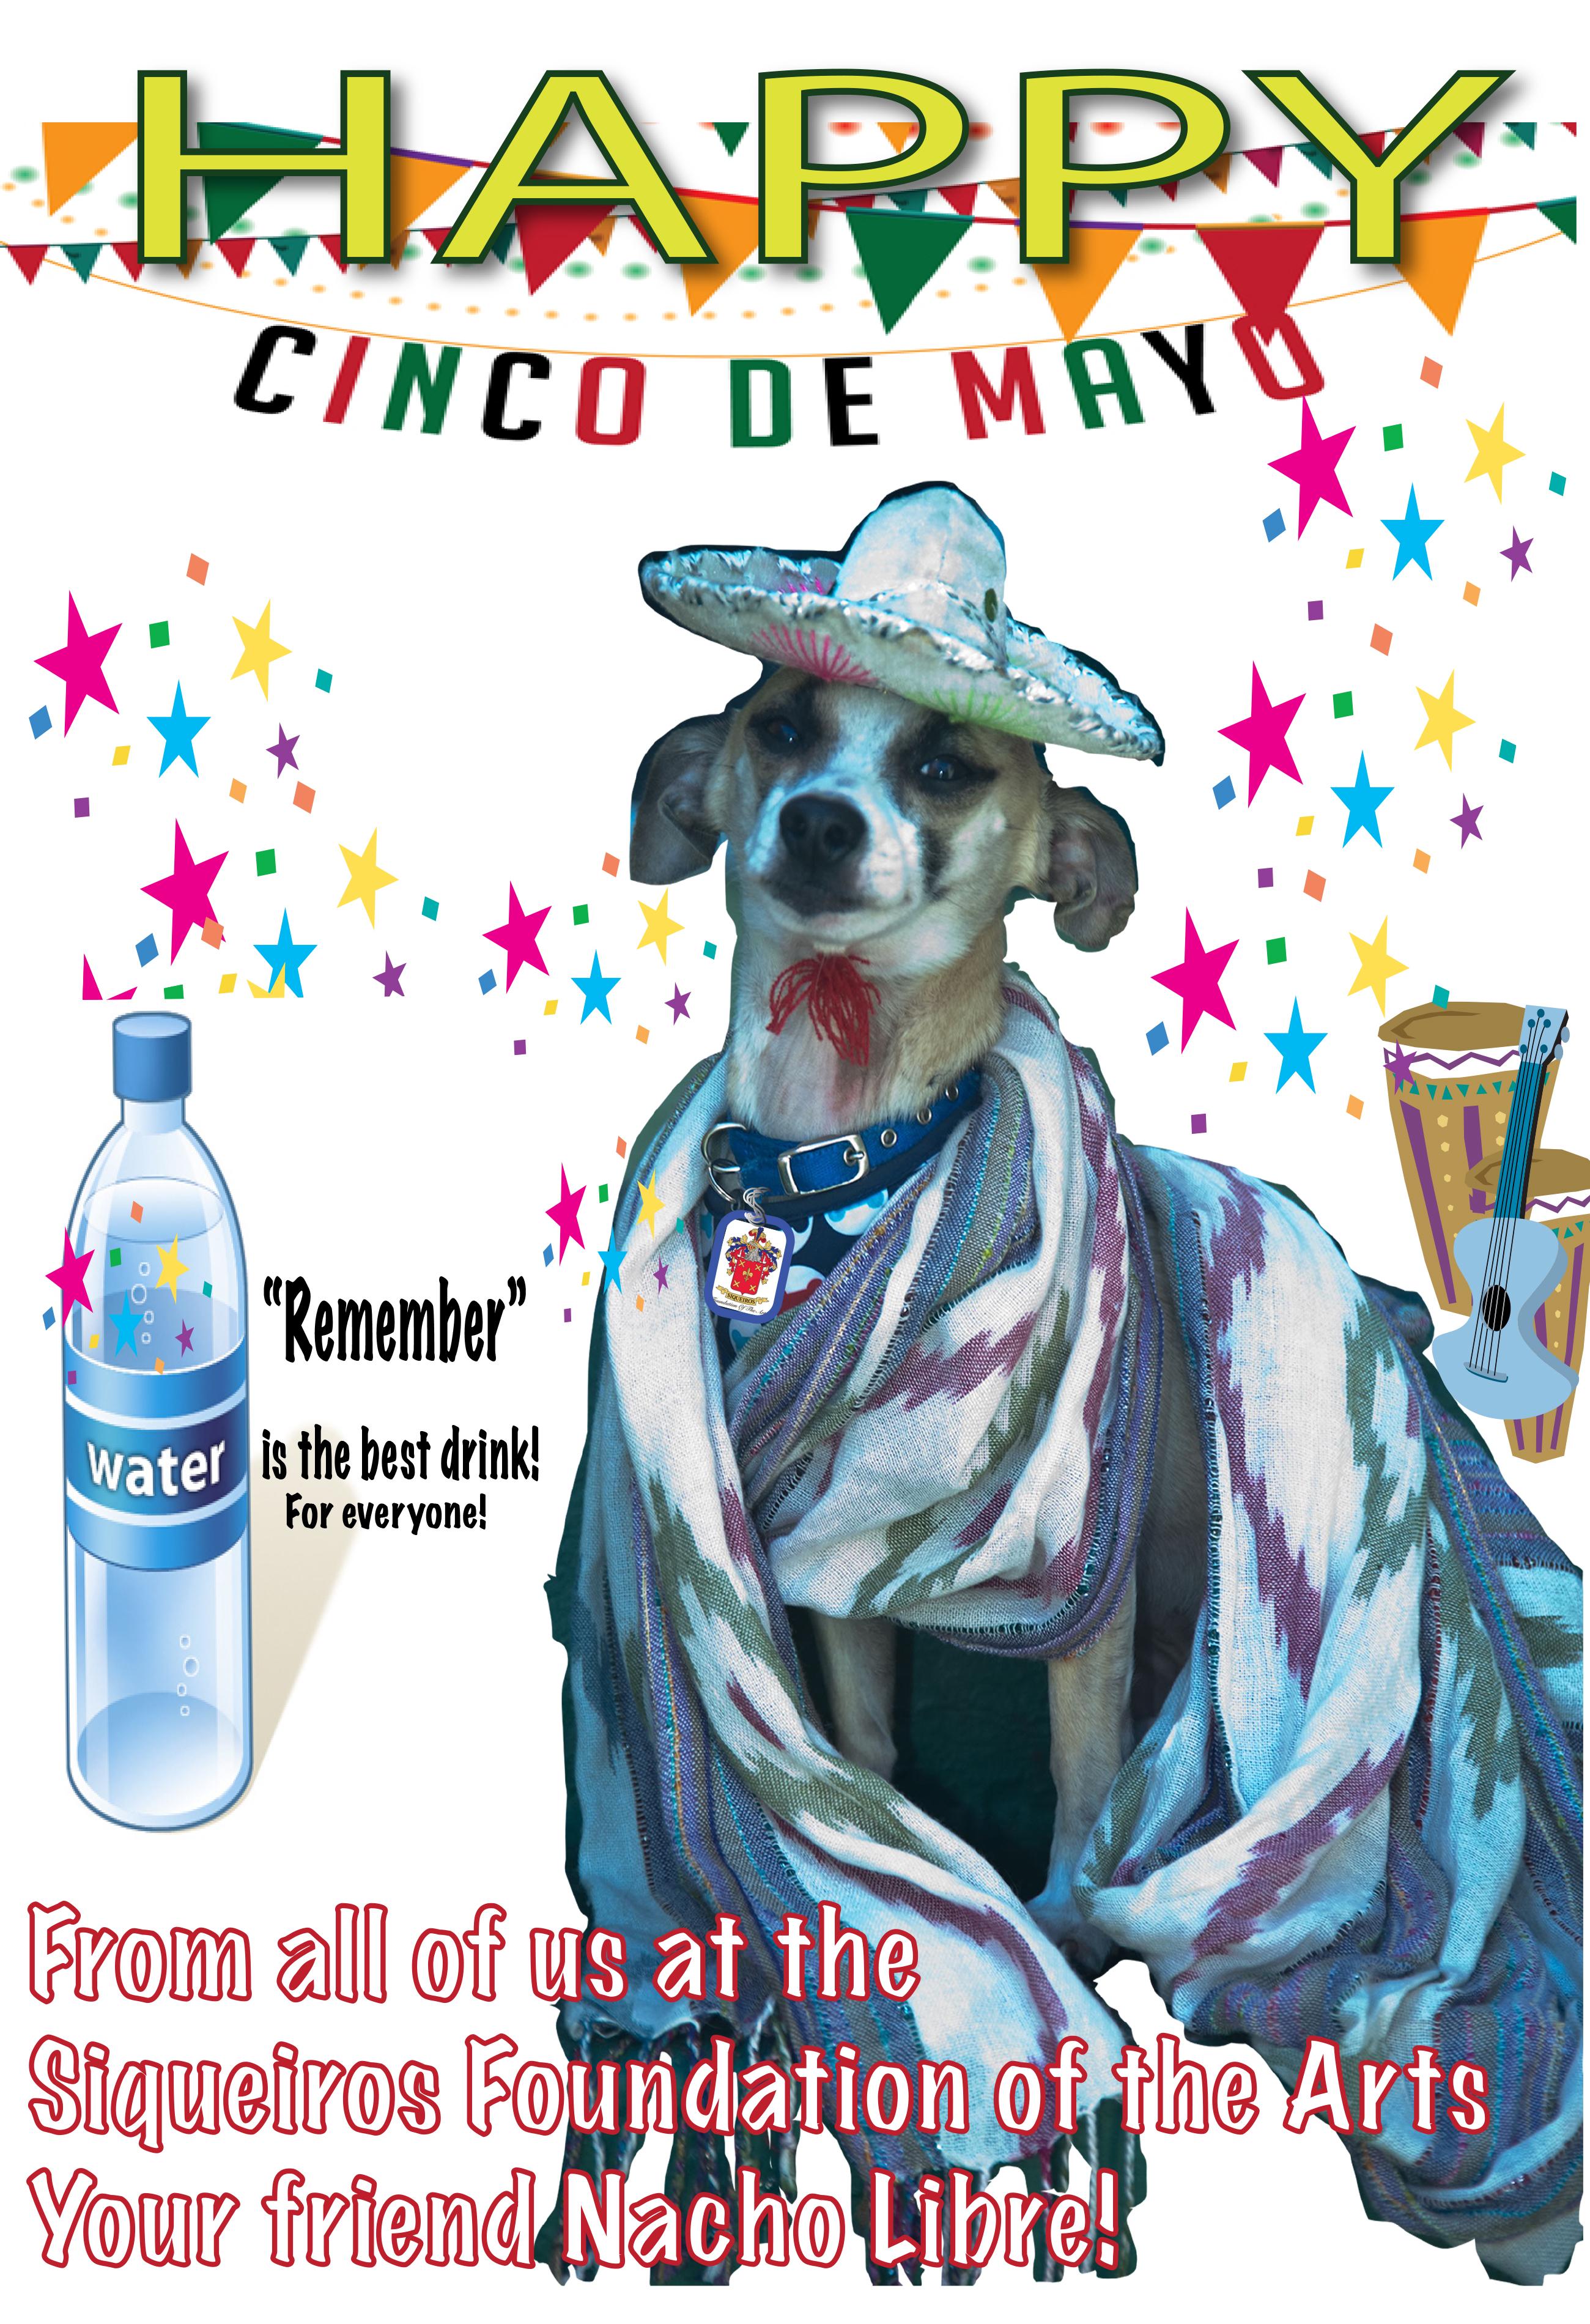 Happy cinco de mayo siqueiros foundation of the arts happy cinco de mayo kristyandbryce Gallery